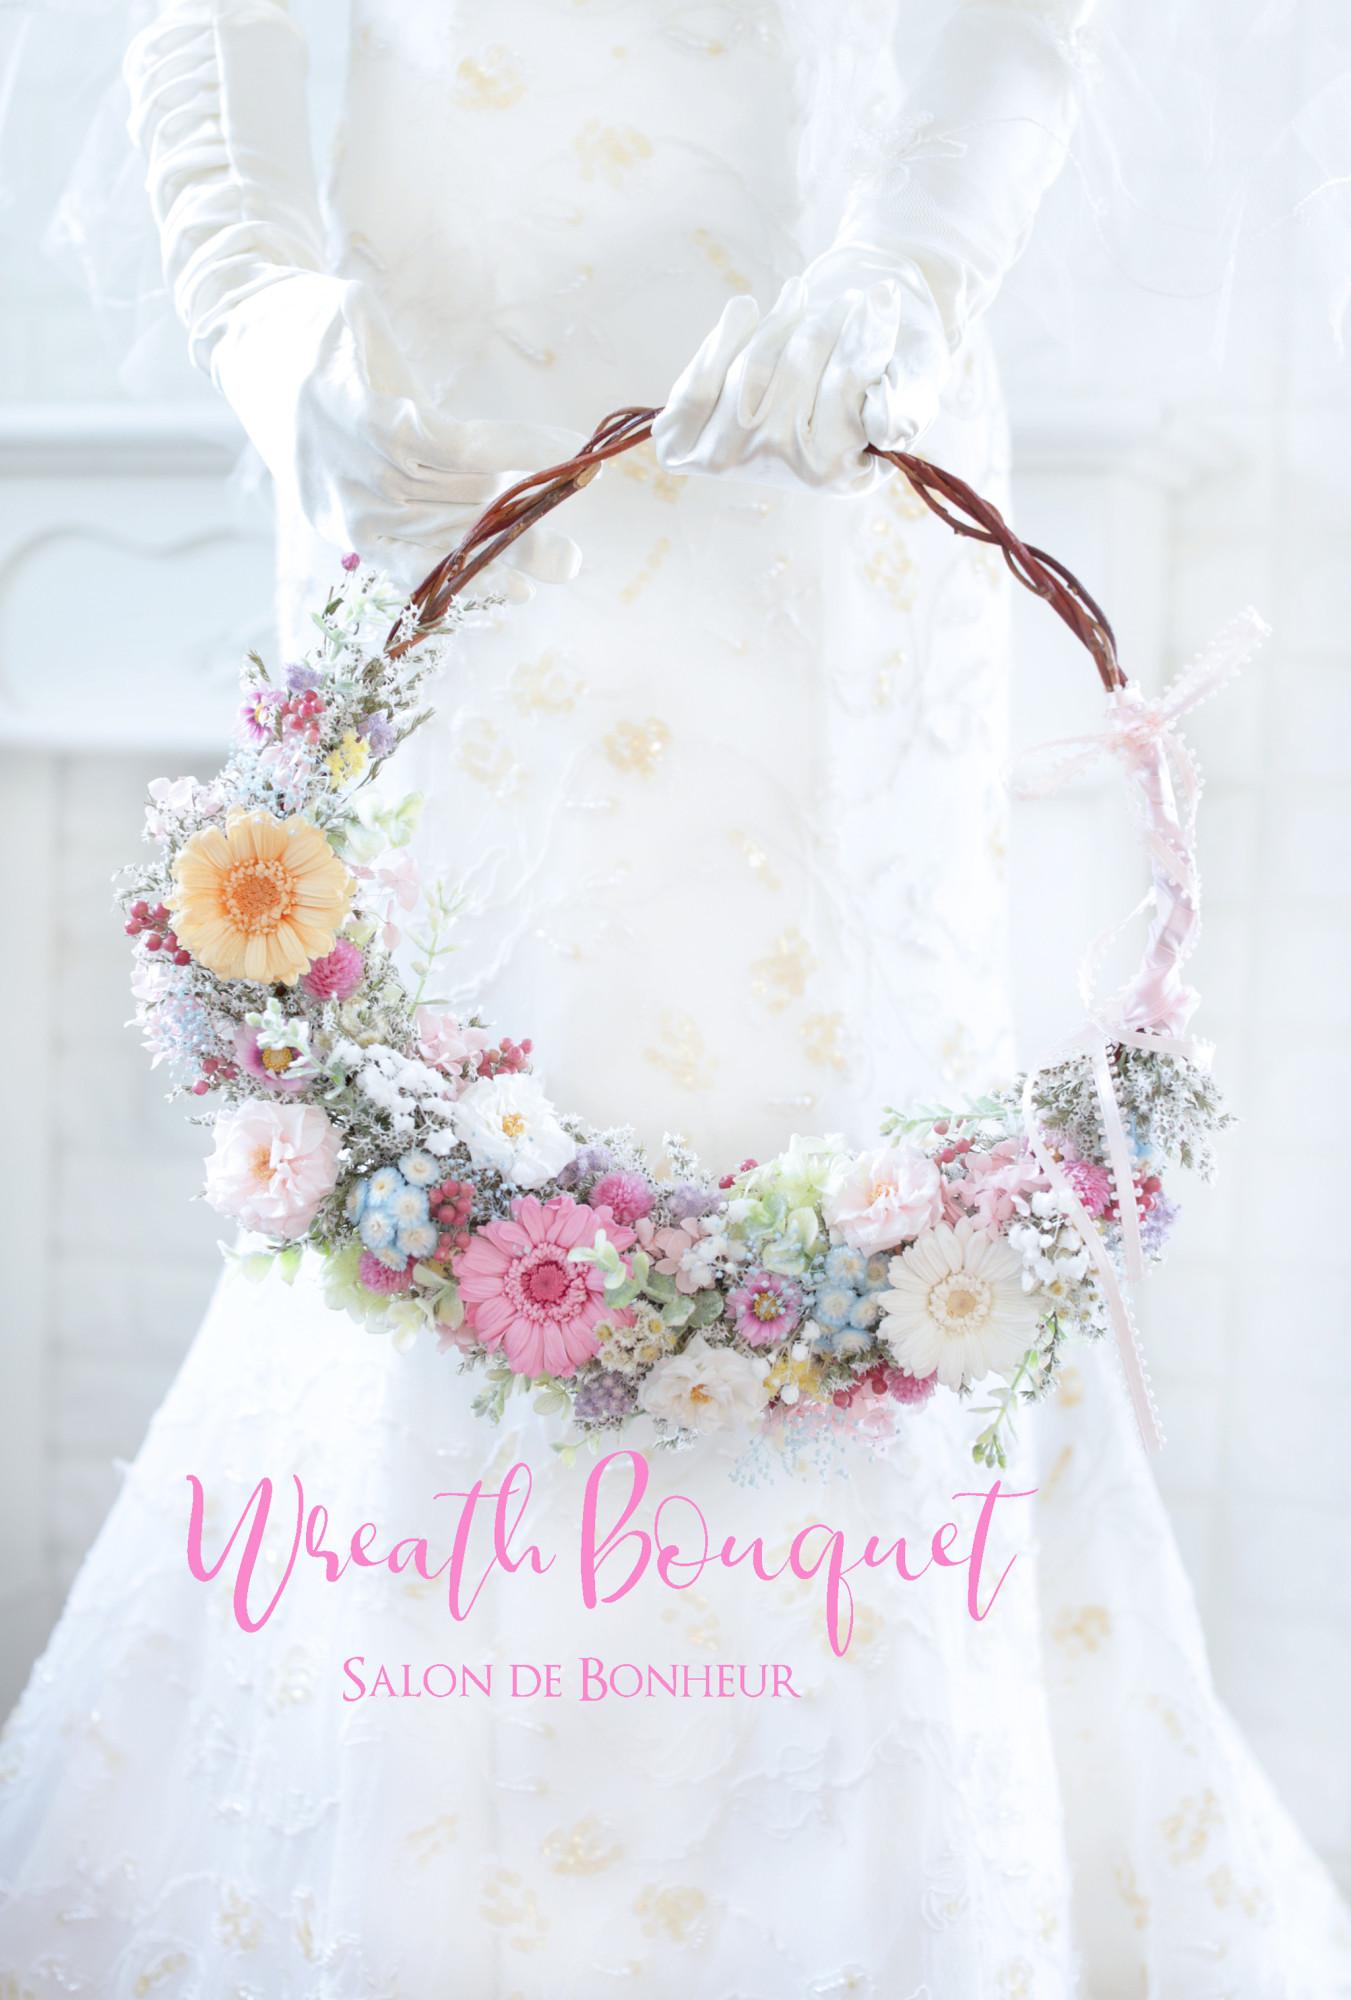 b_wreathbouquet20180120_4